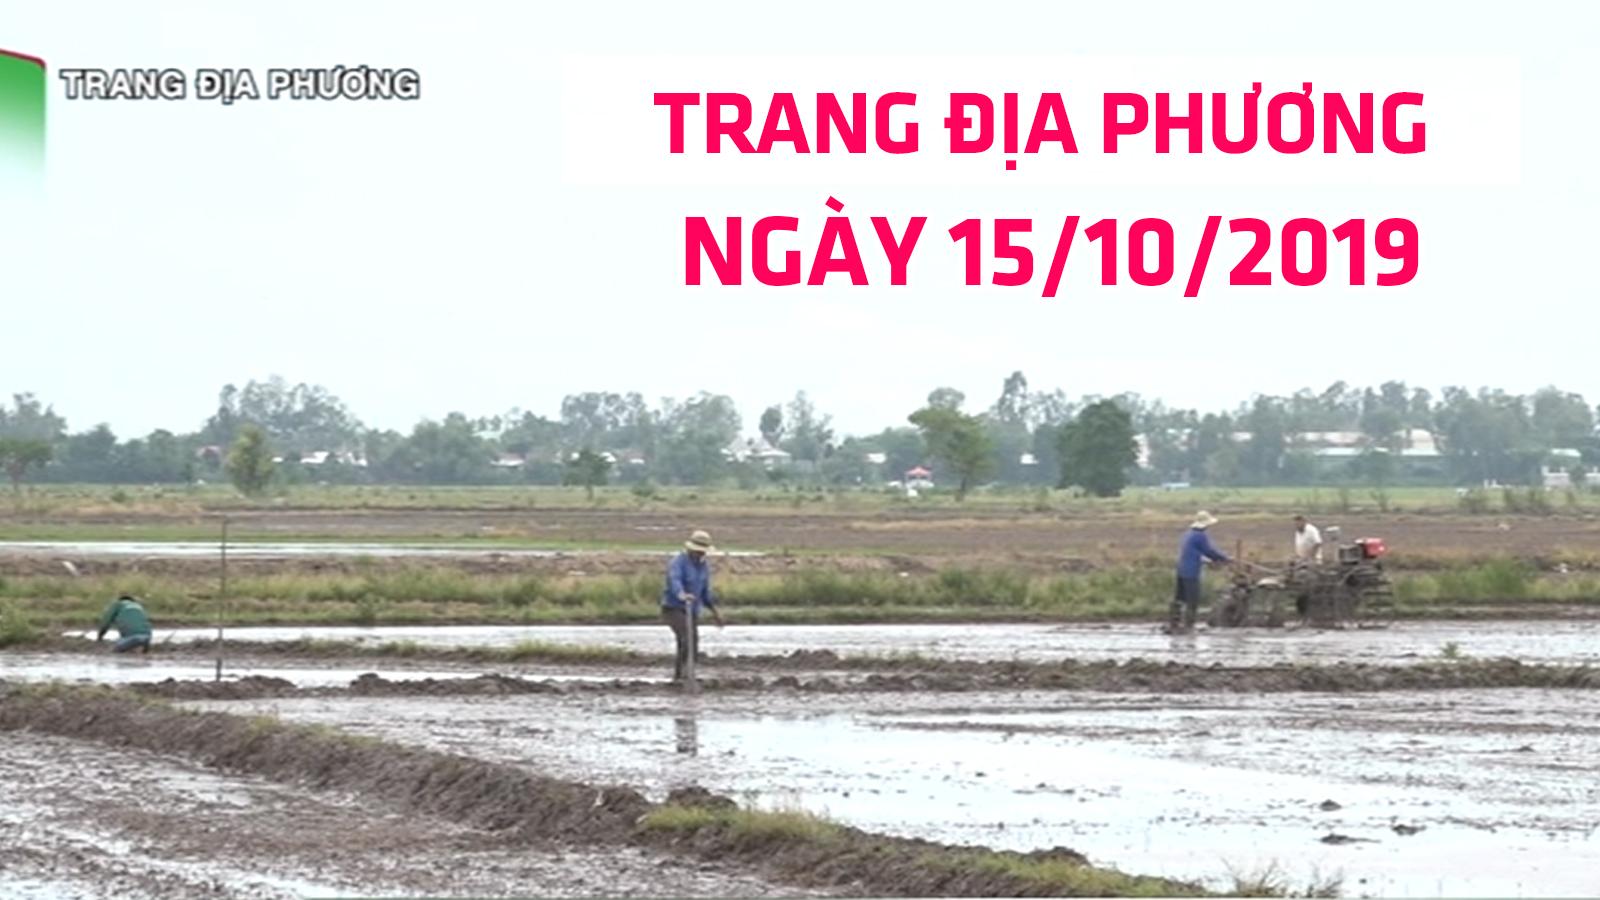 Trang tin địa phương - 15/10/2019 - Huyện Hồng Ngự